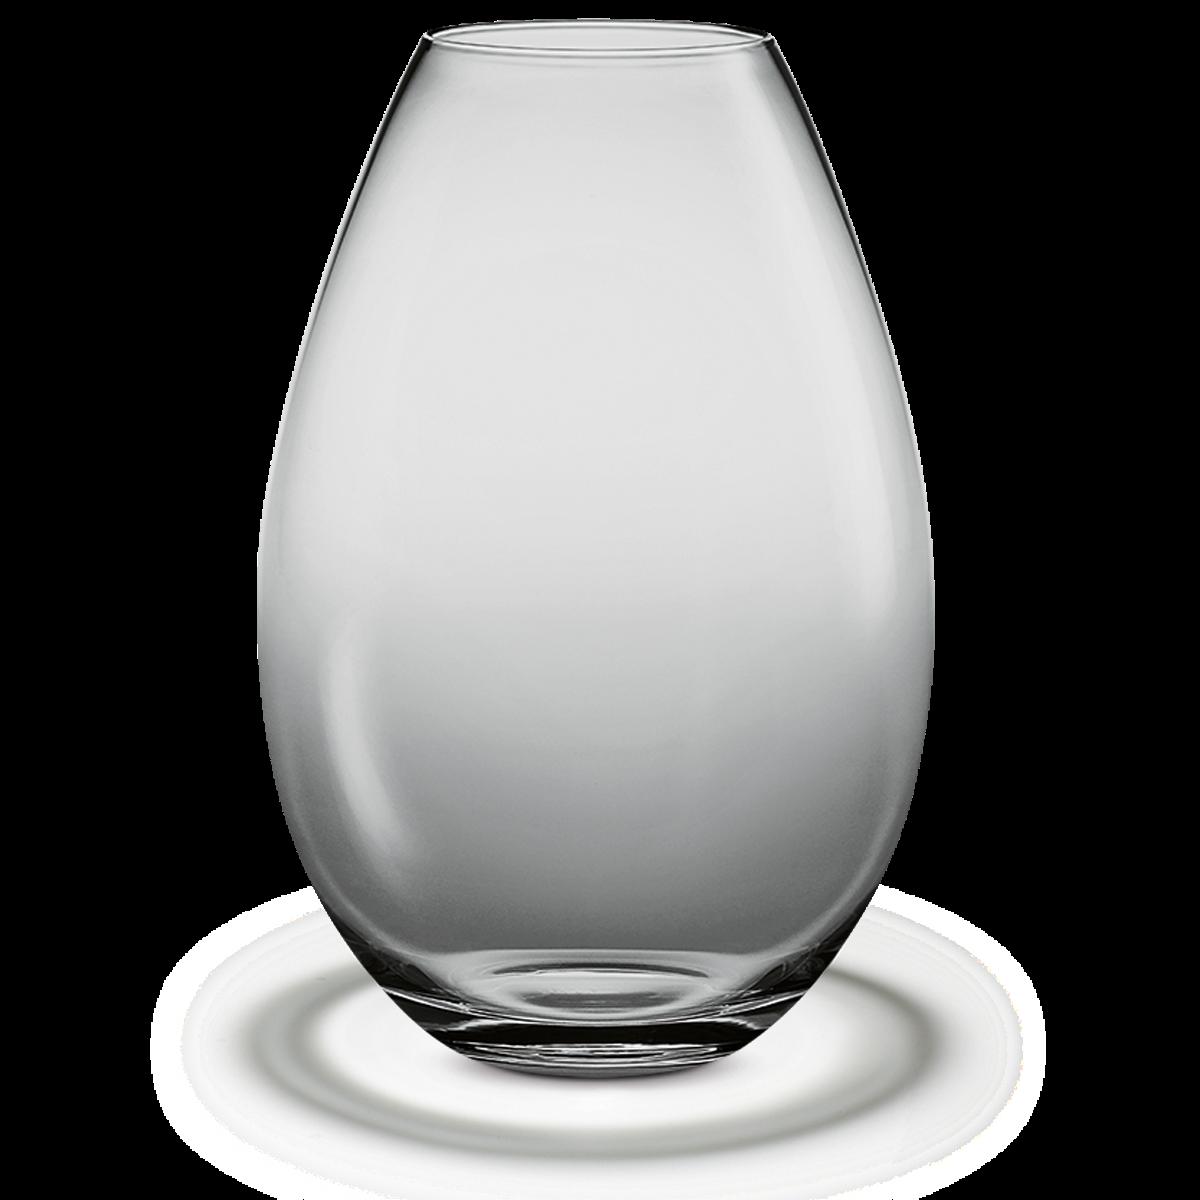 Vase PNG images free download.